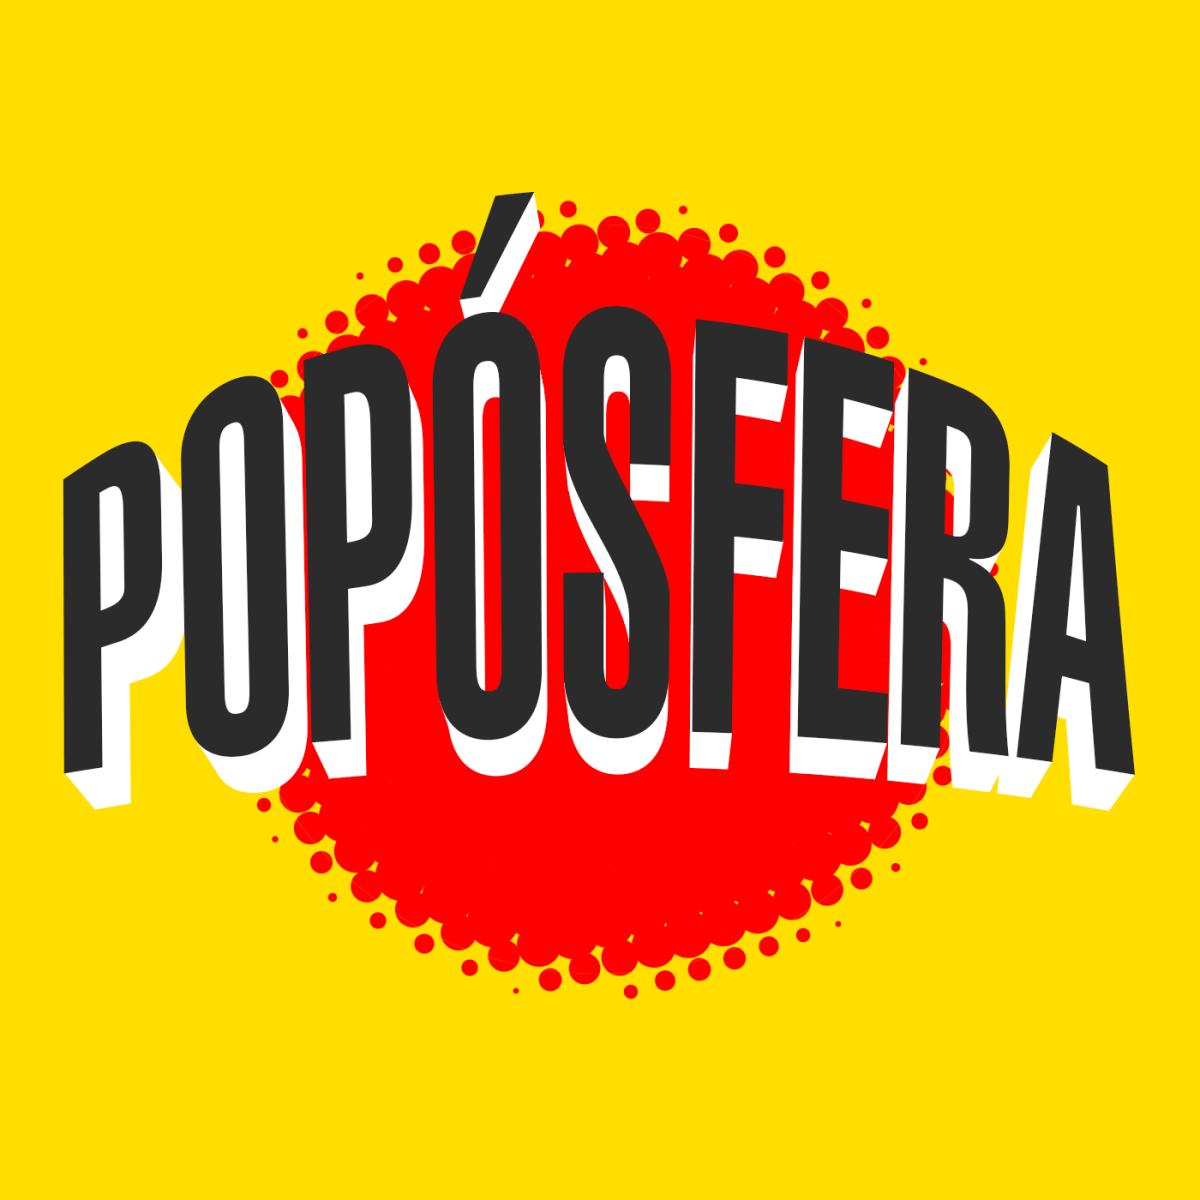 Popósfera